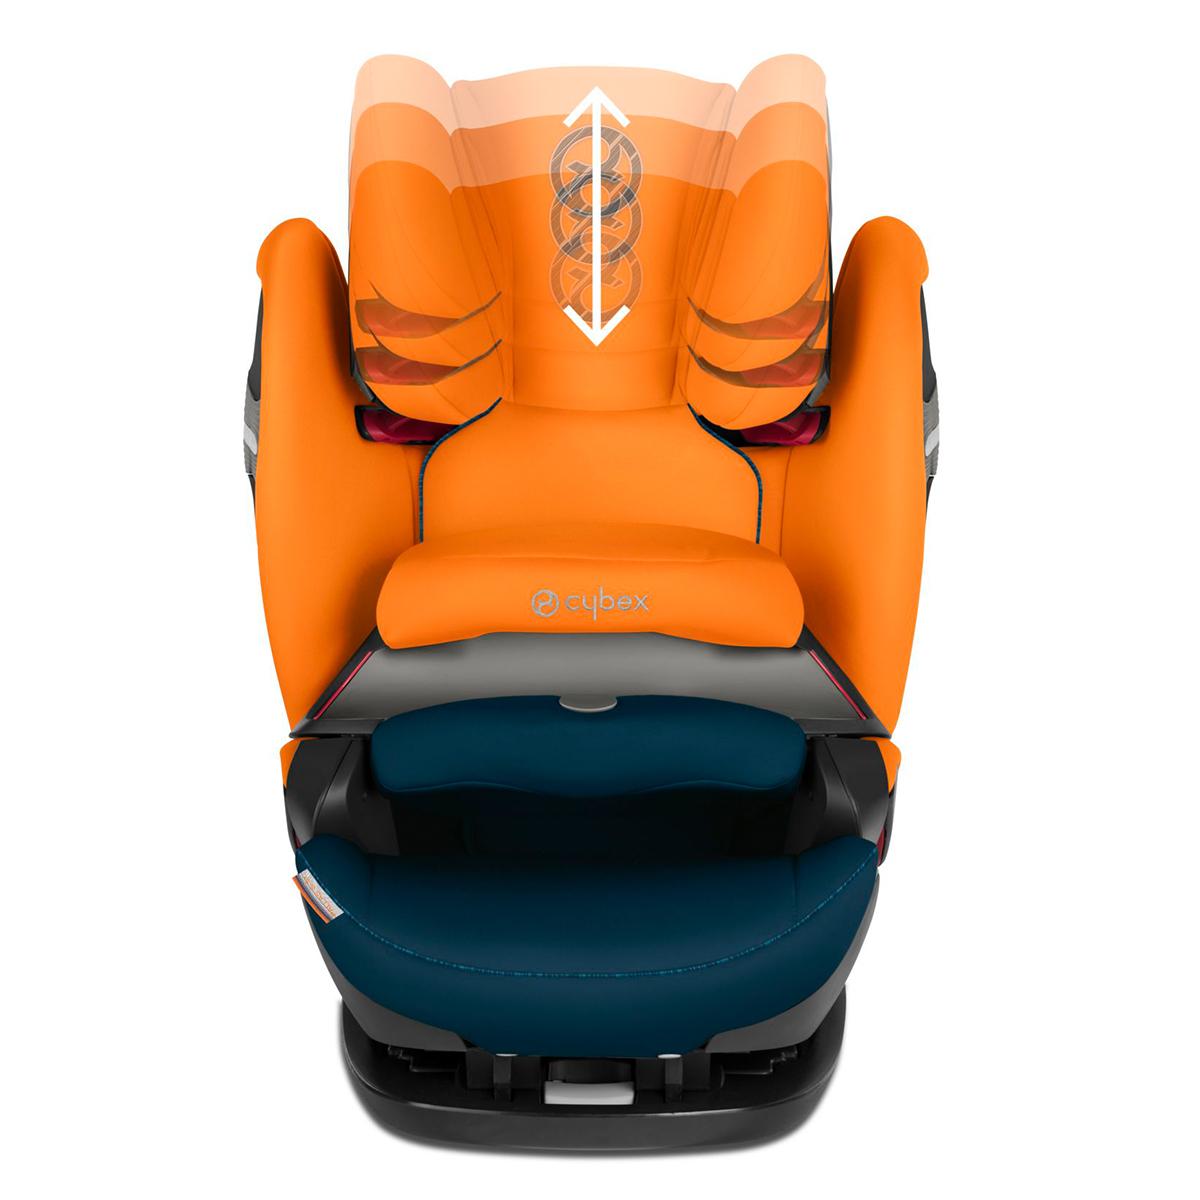 cybex si ge auto pallas s fix scuderia ferrari isofix. Black Bedroom Furniture Sets. Home Design Ideas